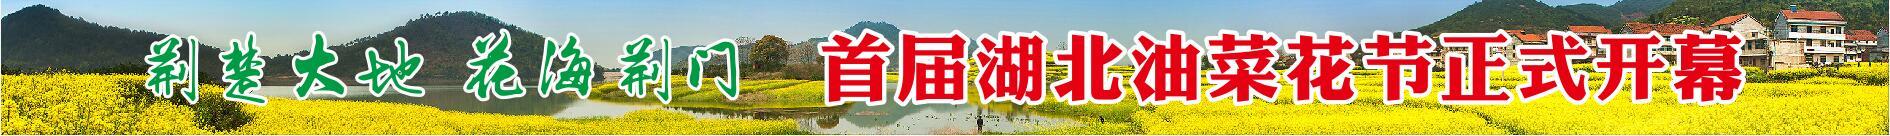 首届湖北油菜花节